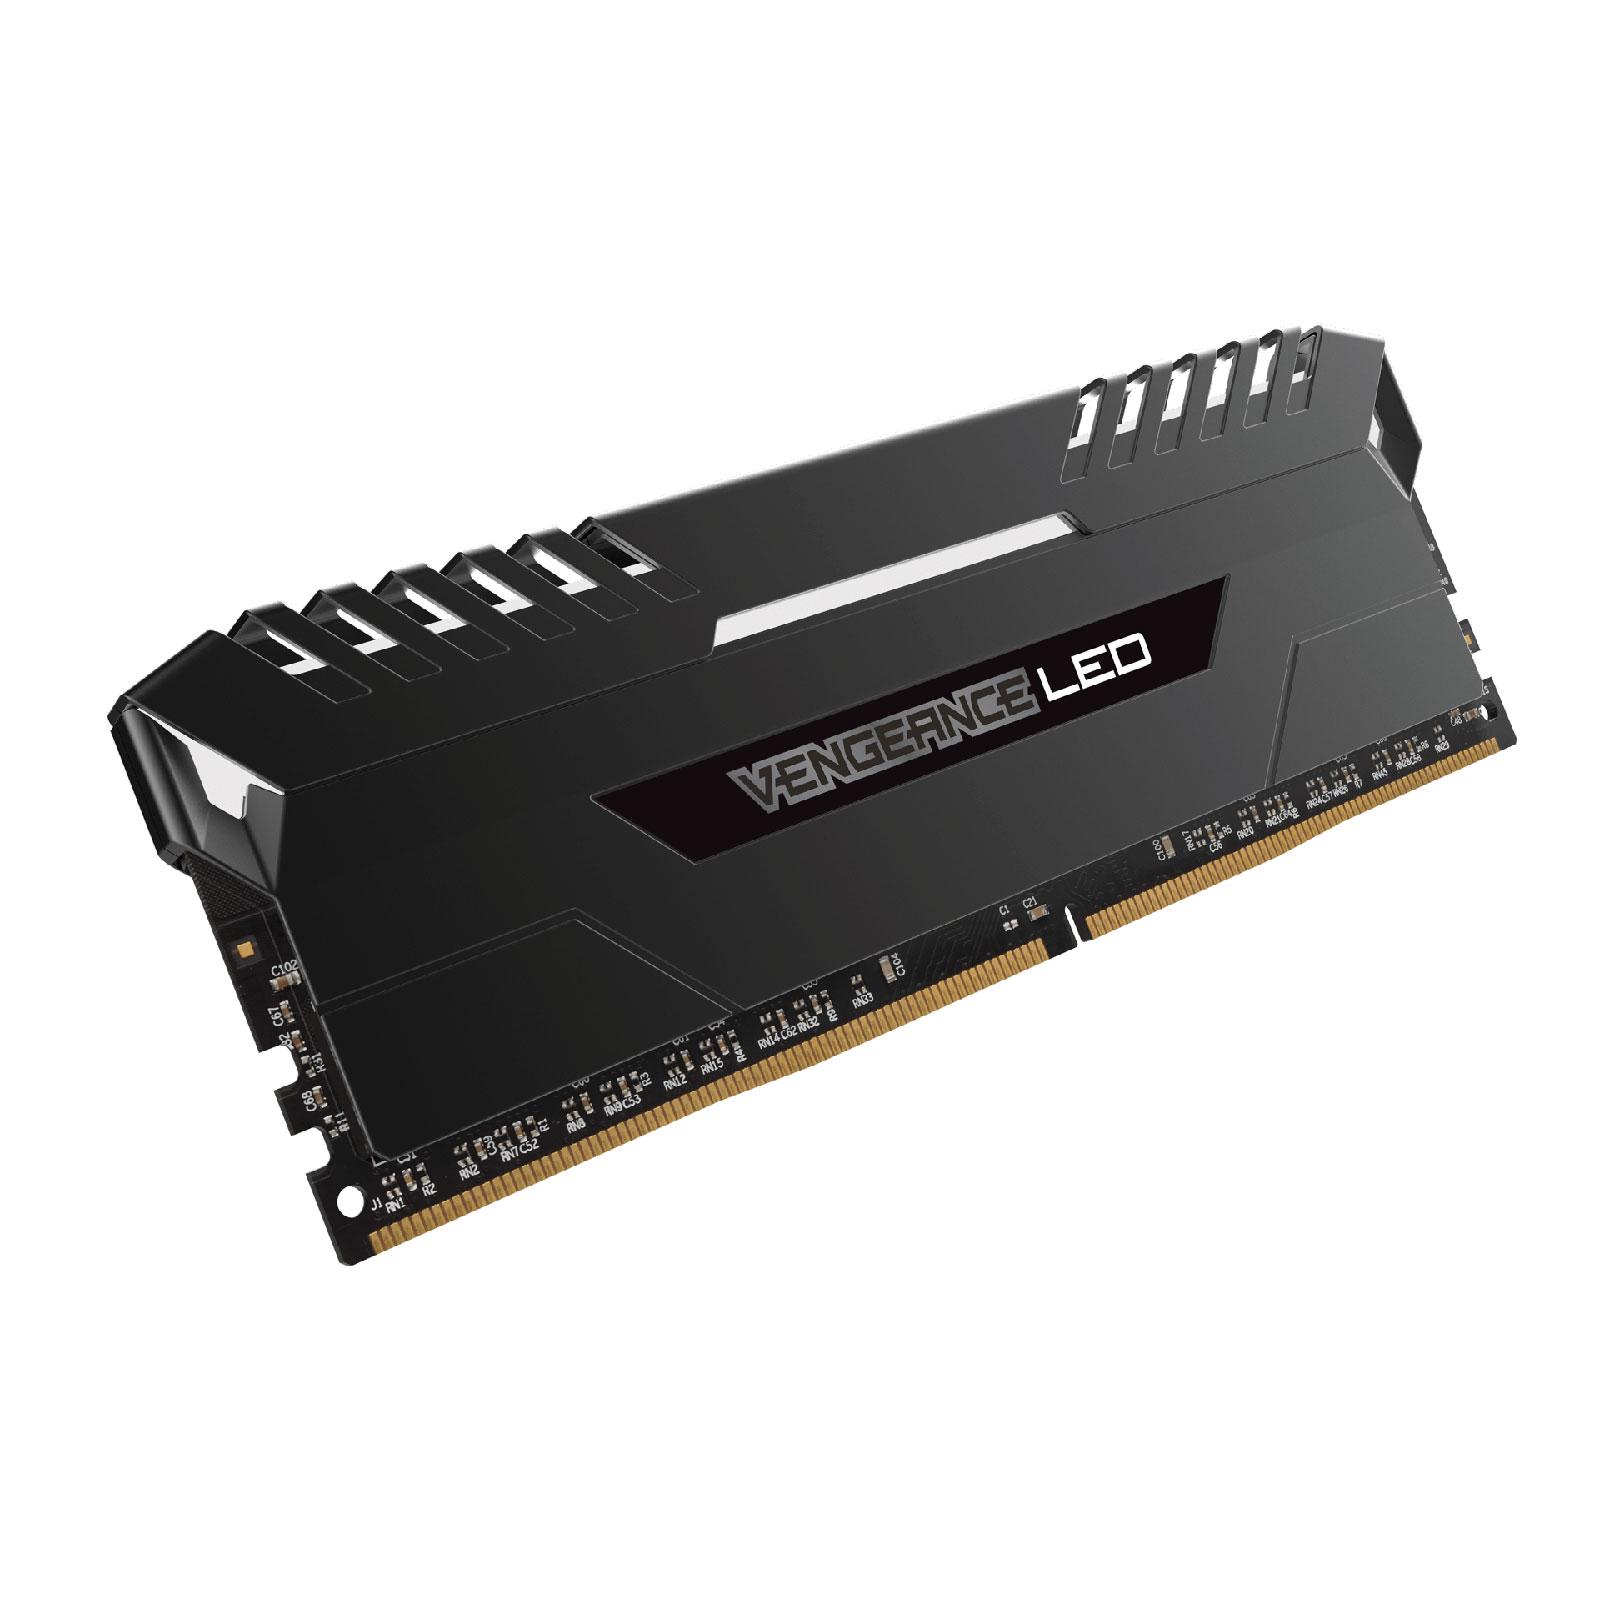 Corsair CMU16GX4M2C3000C15  16Go DDR4 3000MHz - Mémoire PC - 1